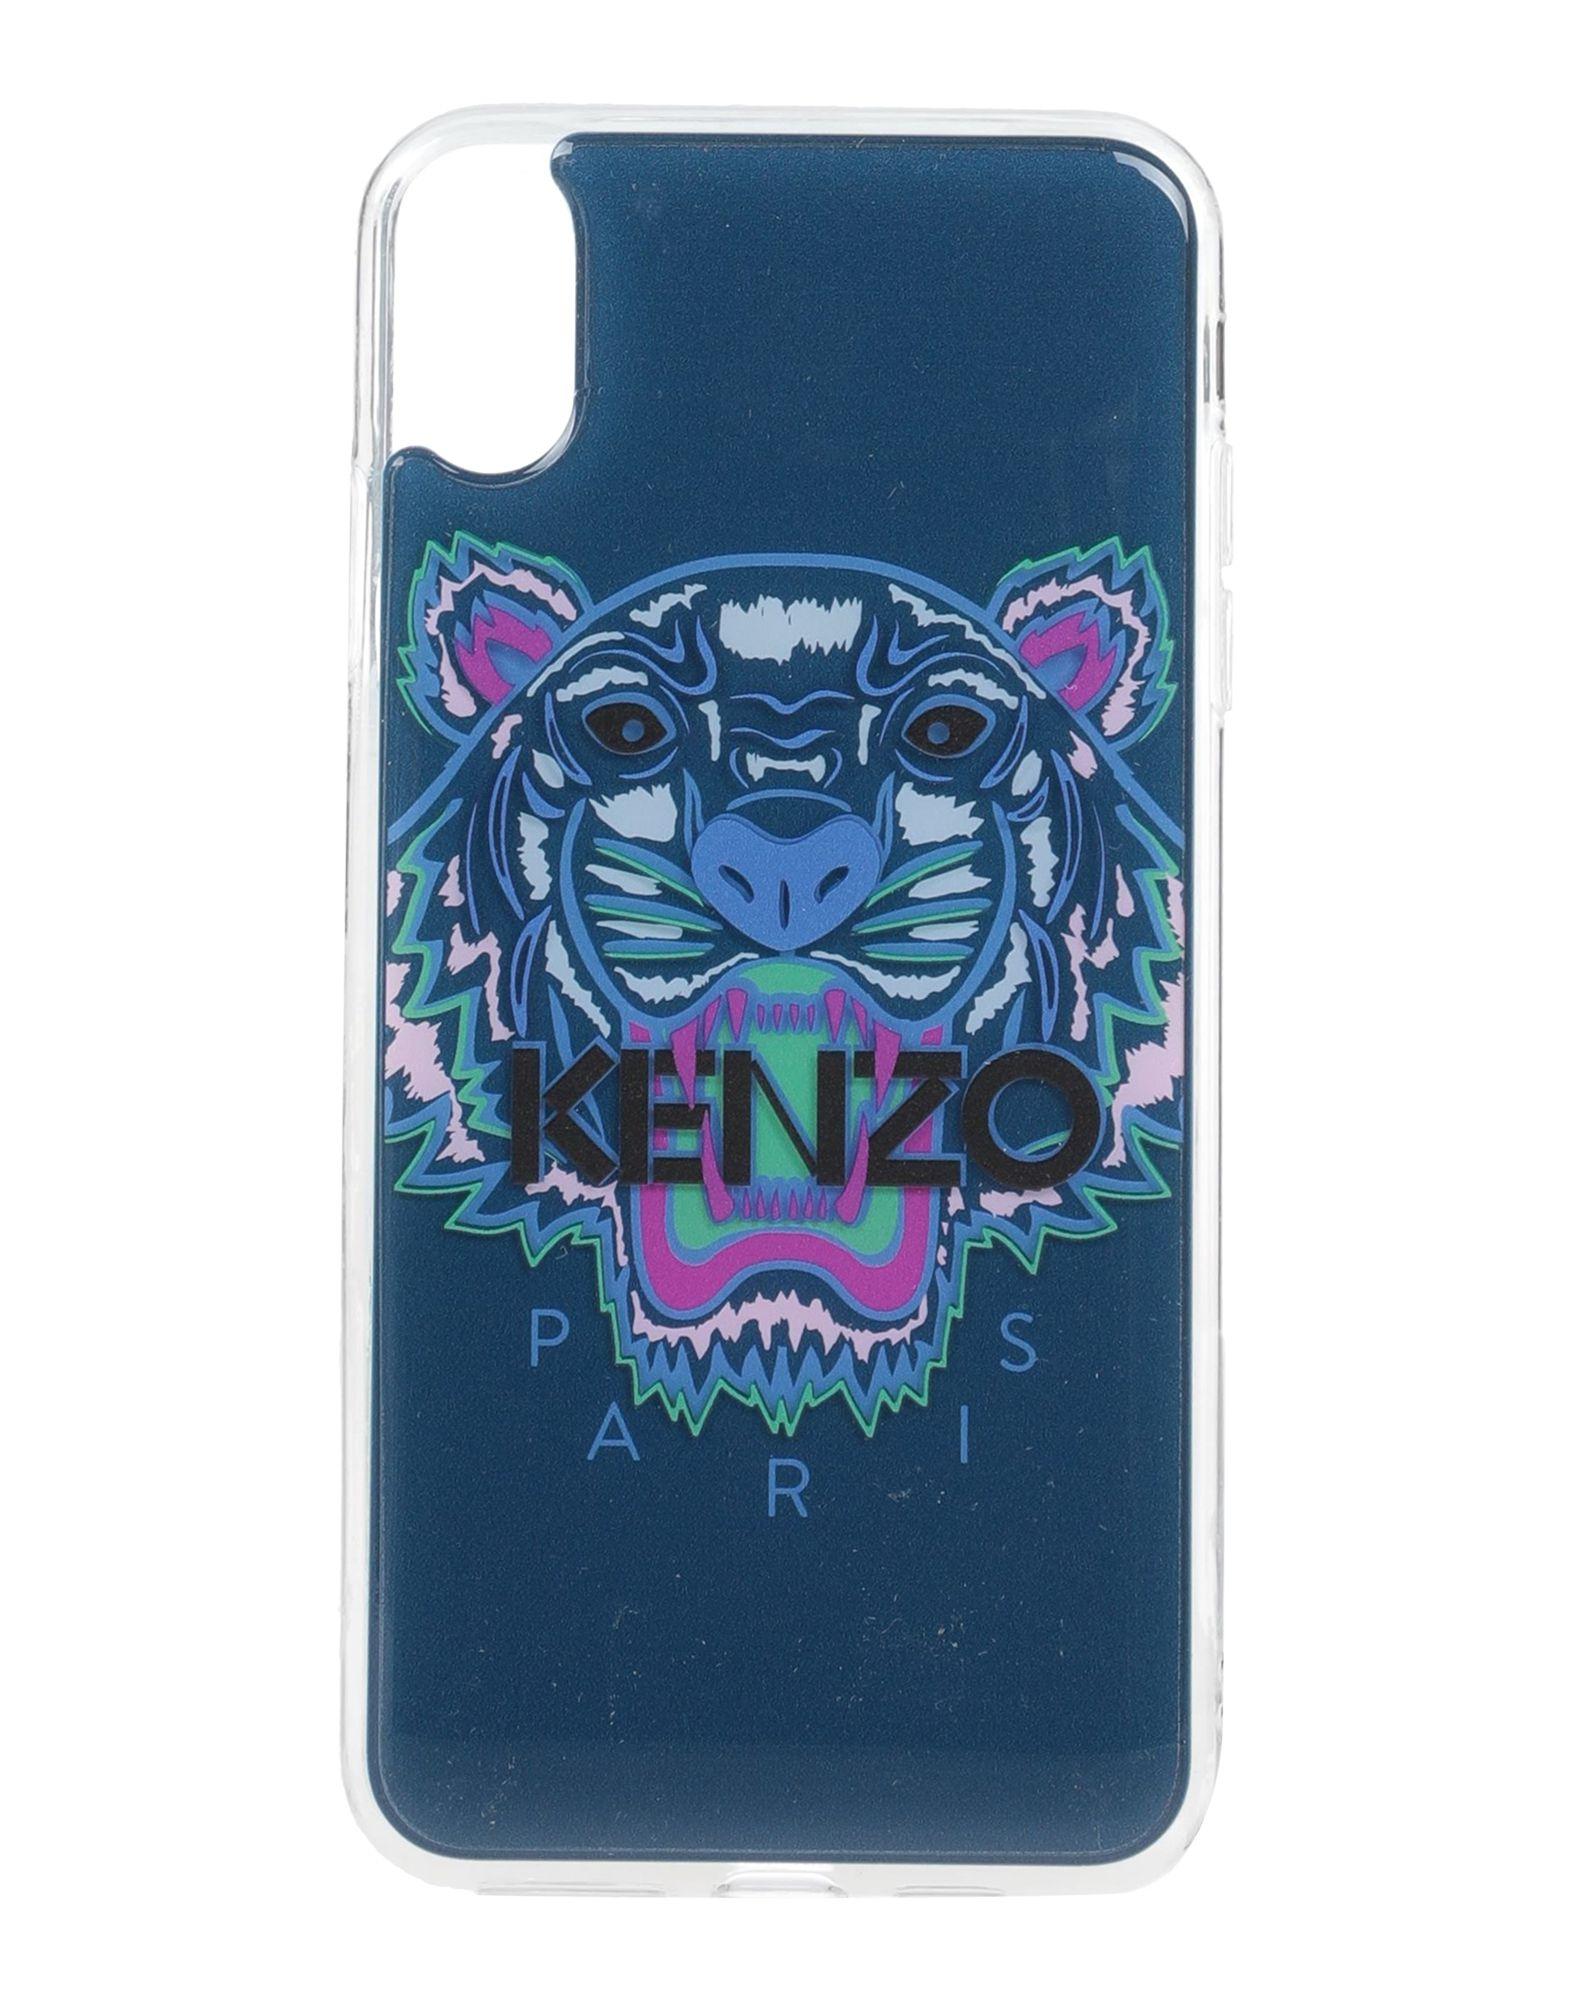 Фото - KENZO Чехол чехол для сотового телефона onzo chic iphone xs прозрачный серебристый